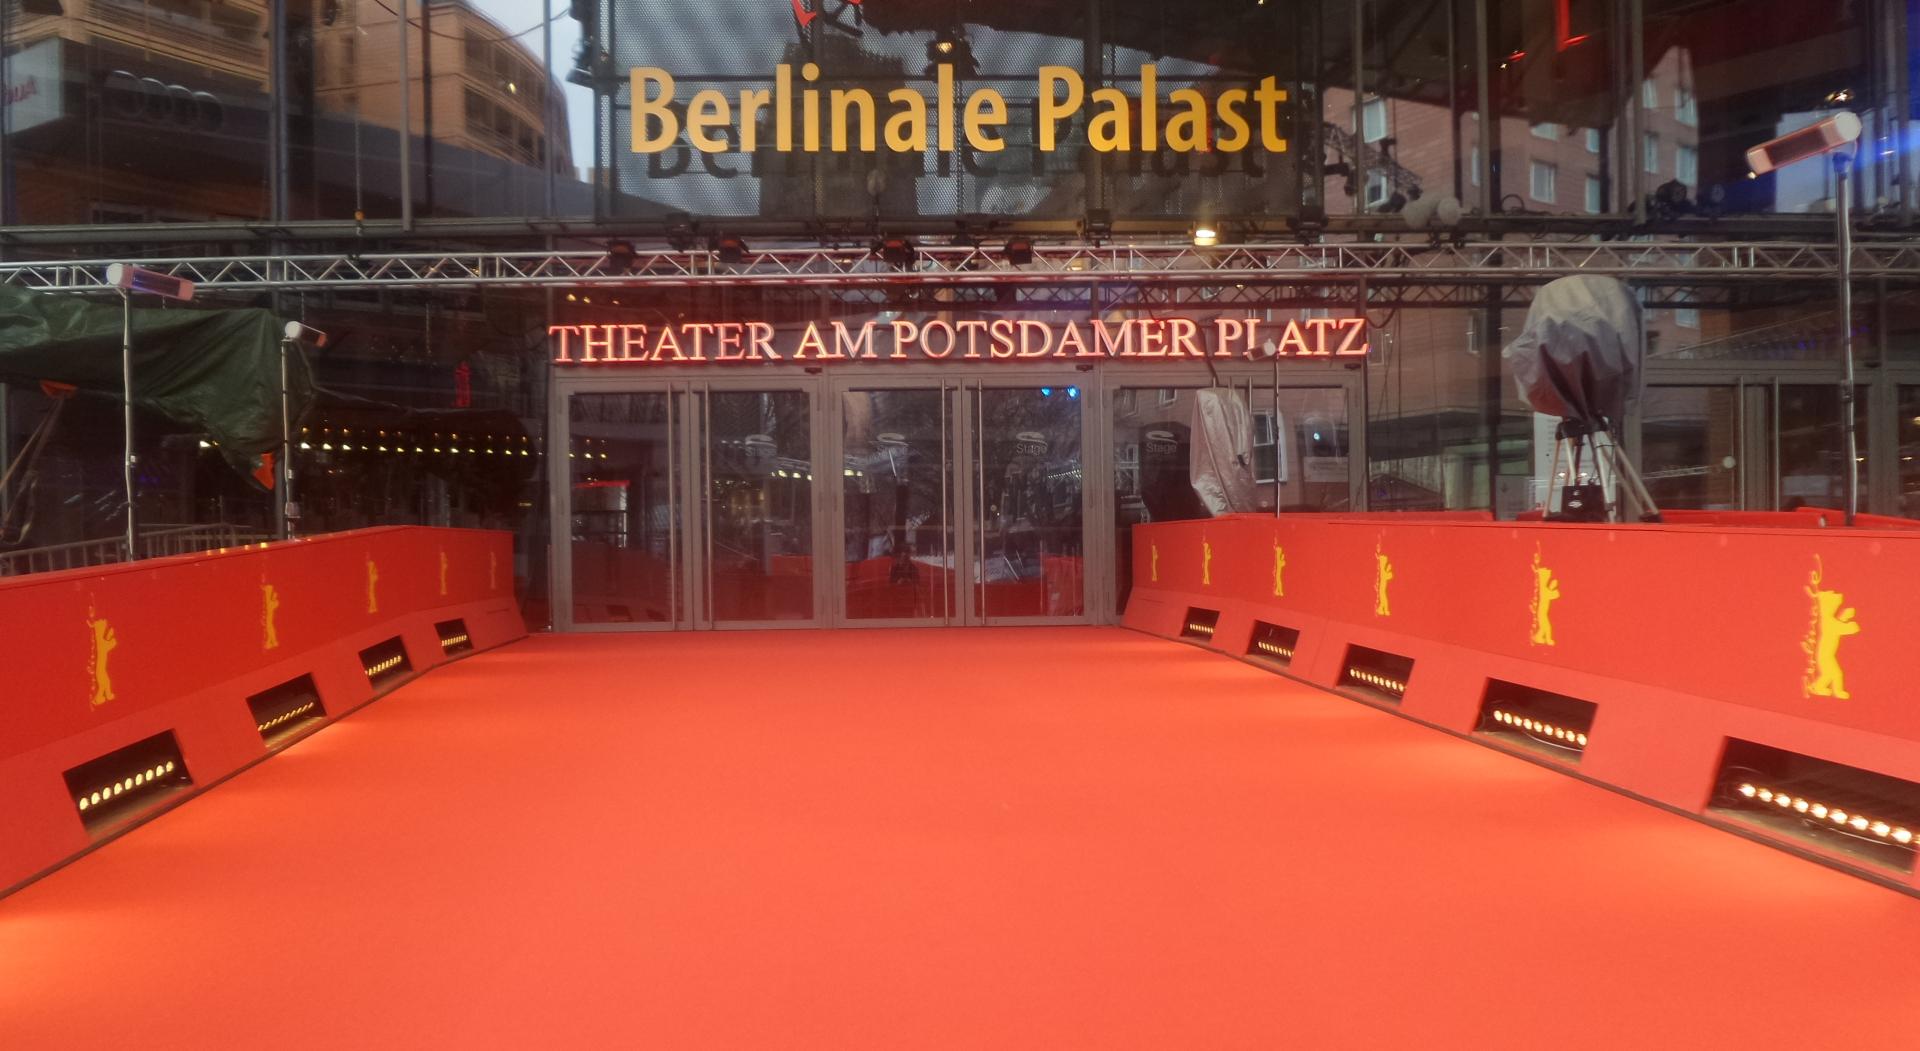 Sympathisch Teppich Berlin Referenz Von Berlinale Roter D Marlene-dietrich-platz 2016-02-12 Qf Copyright